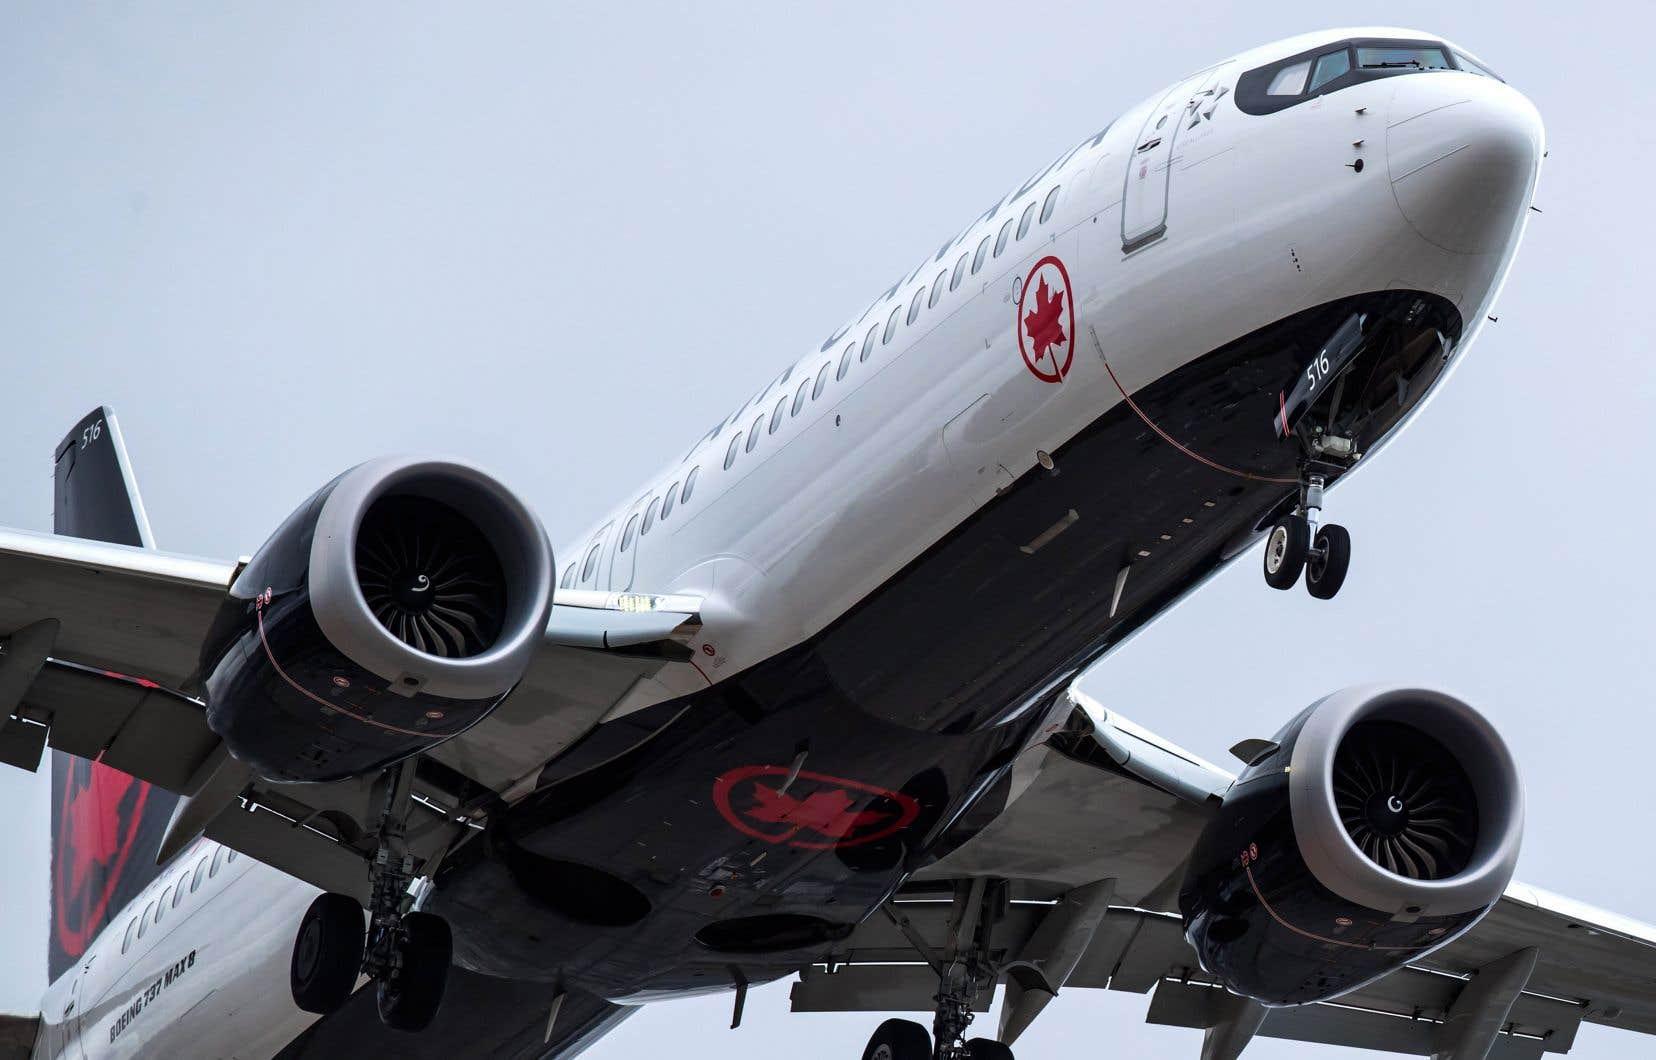 Air Canada ne prévoit pas de retour sur les pistes pour ses appareils Boeing 737 MAX 8 avant avril 2020.